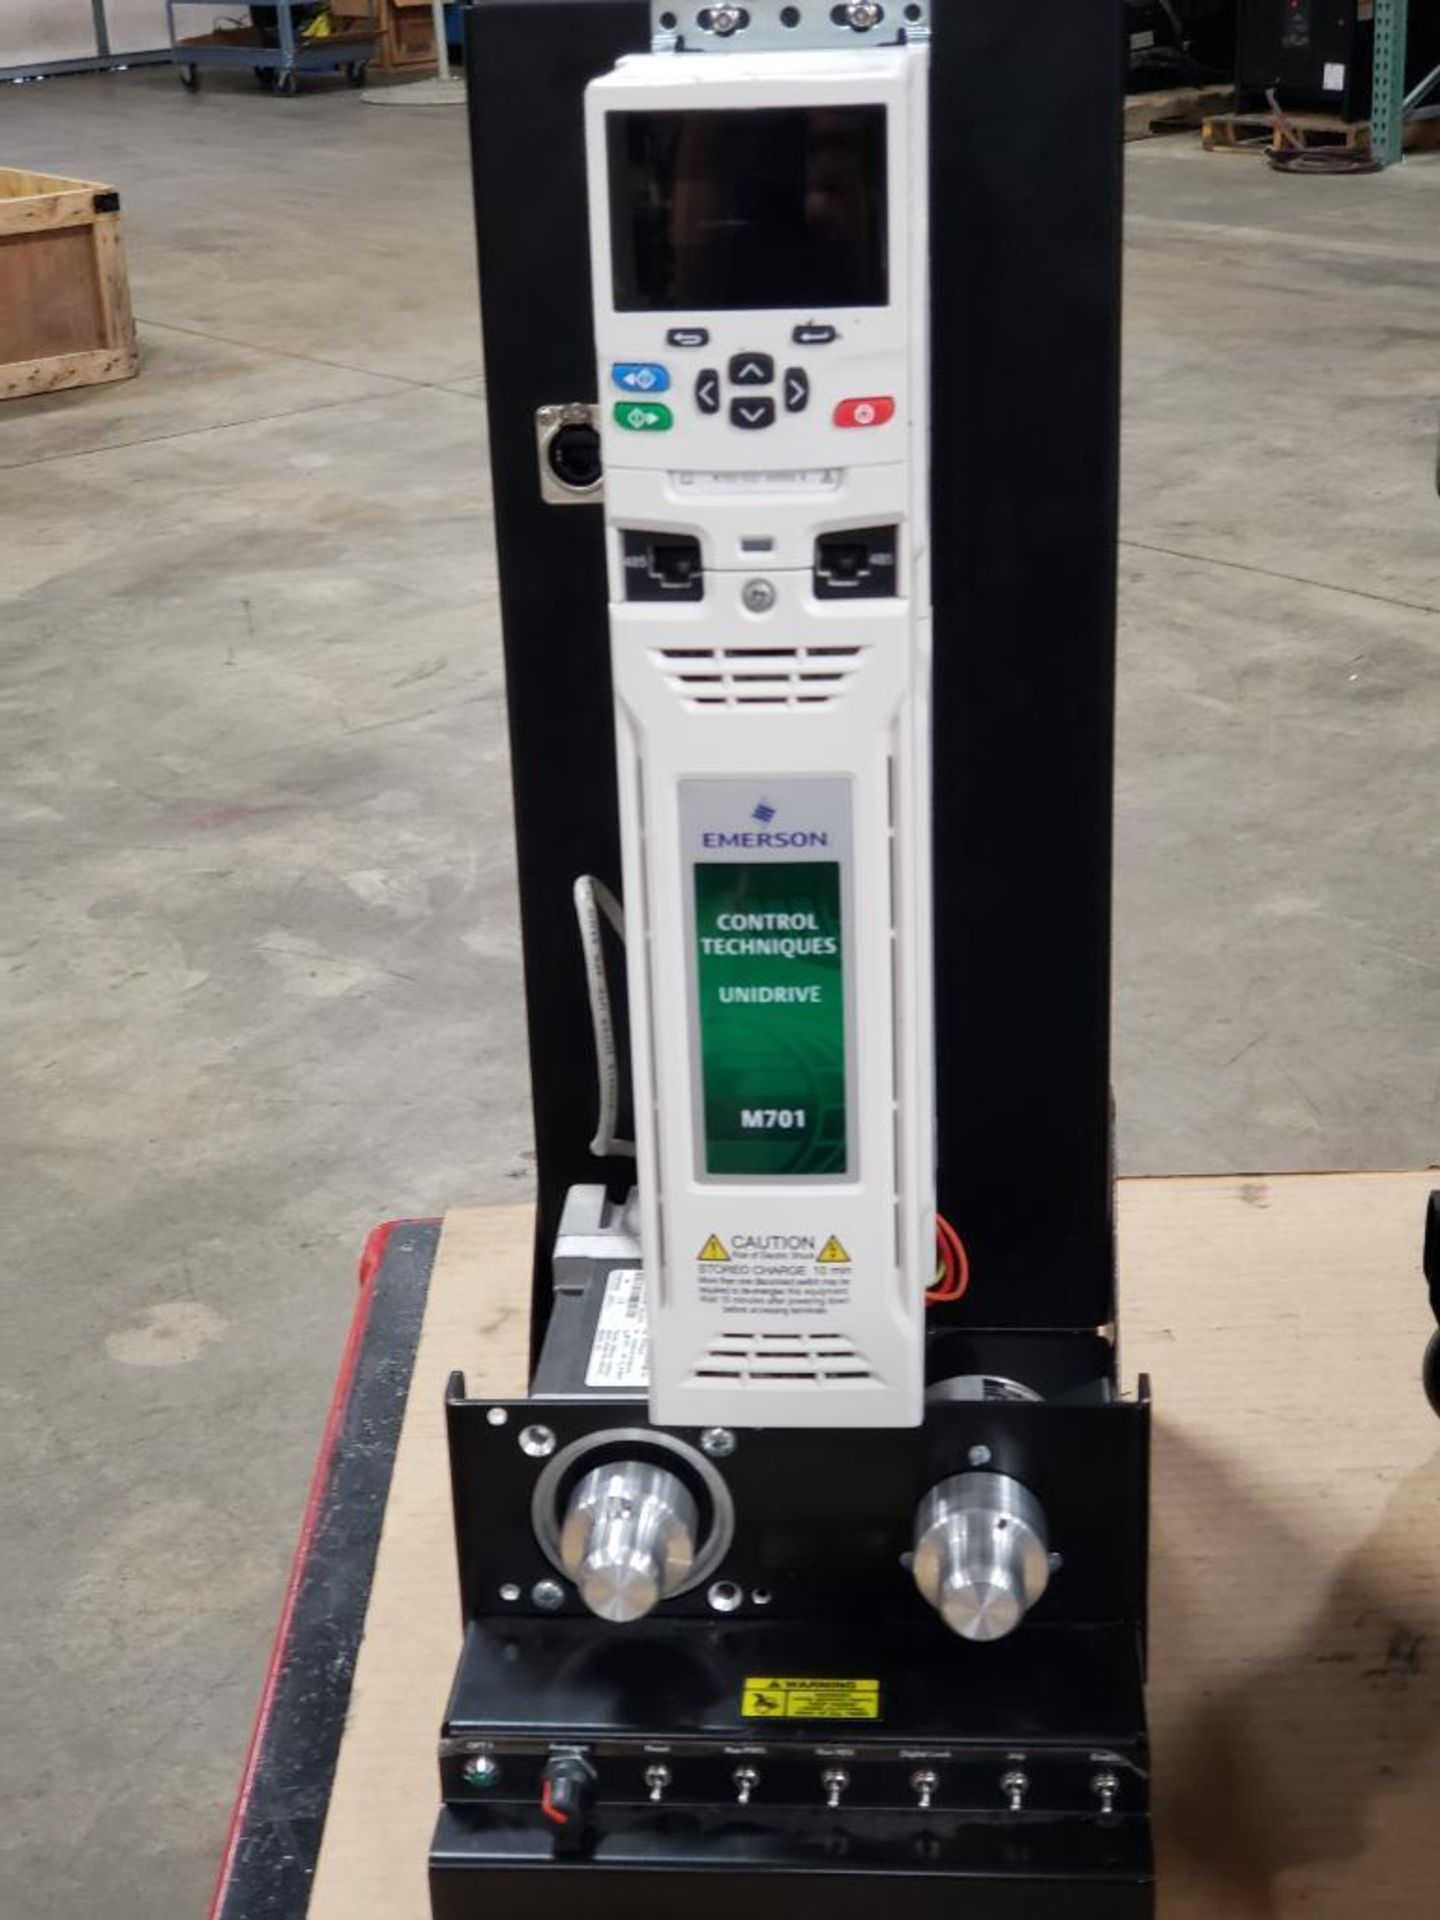 Travel test diagnostic Emerson drive unit. Emerson control Techniques DCM700. Unidrive M701. - Image 7 of 21